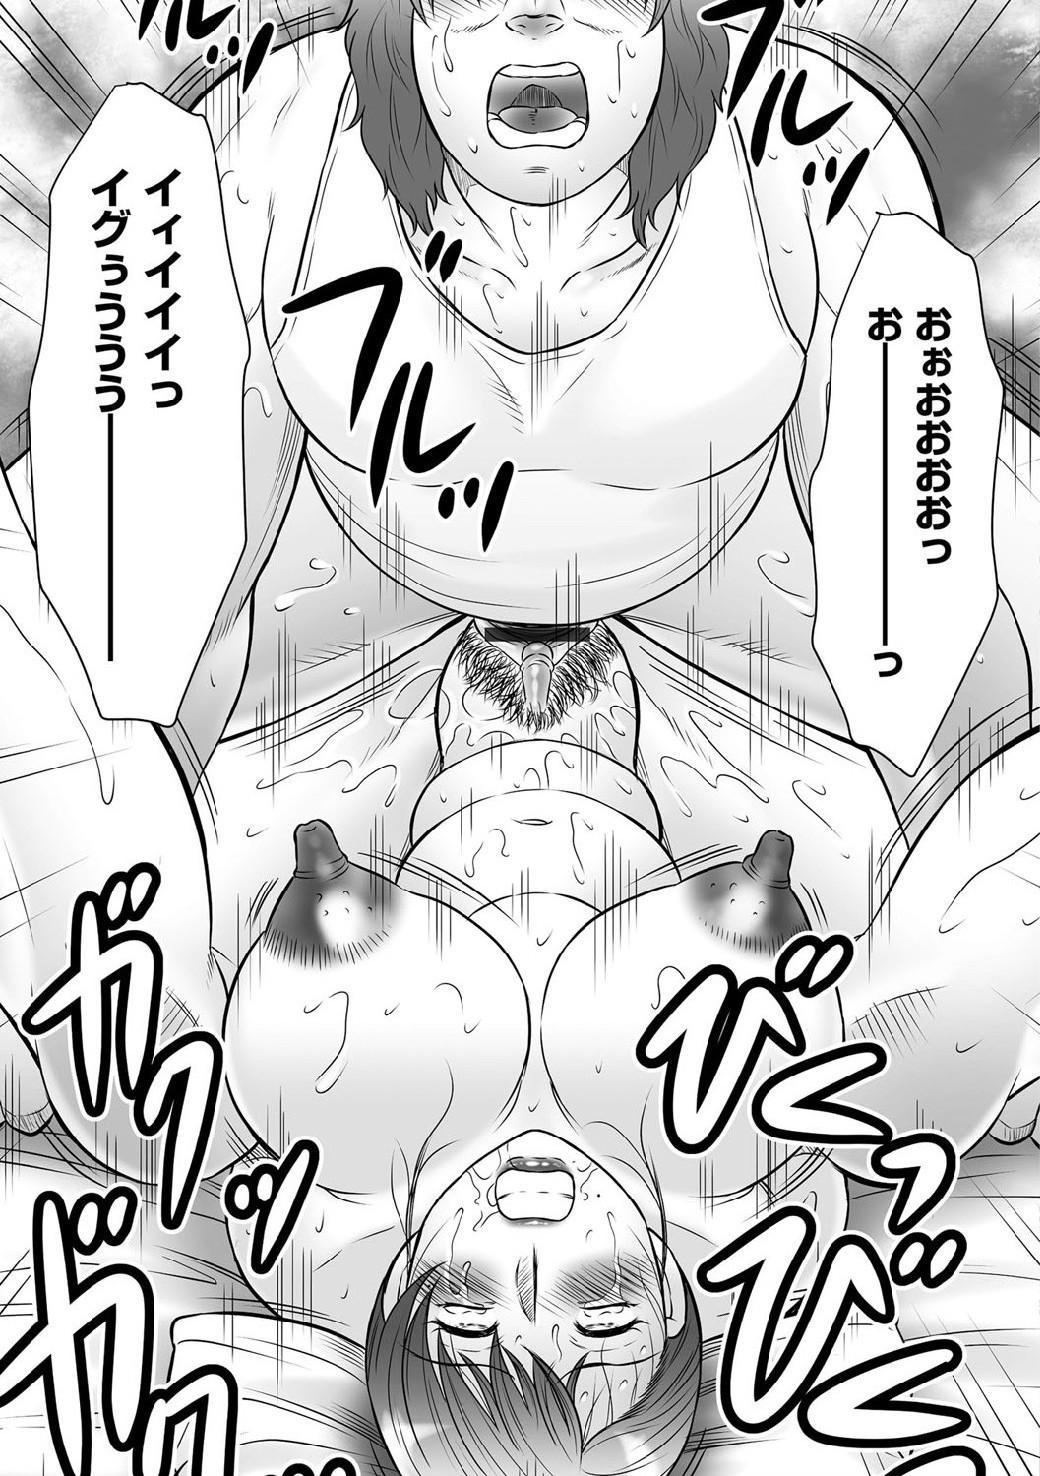 Haha Kangoku INFINITY 166